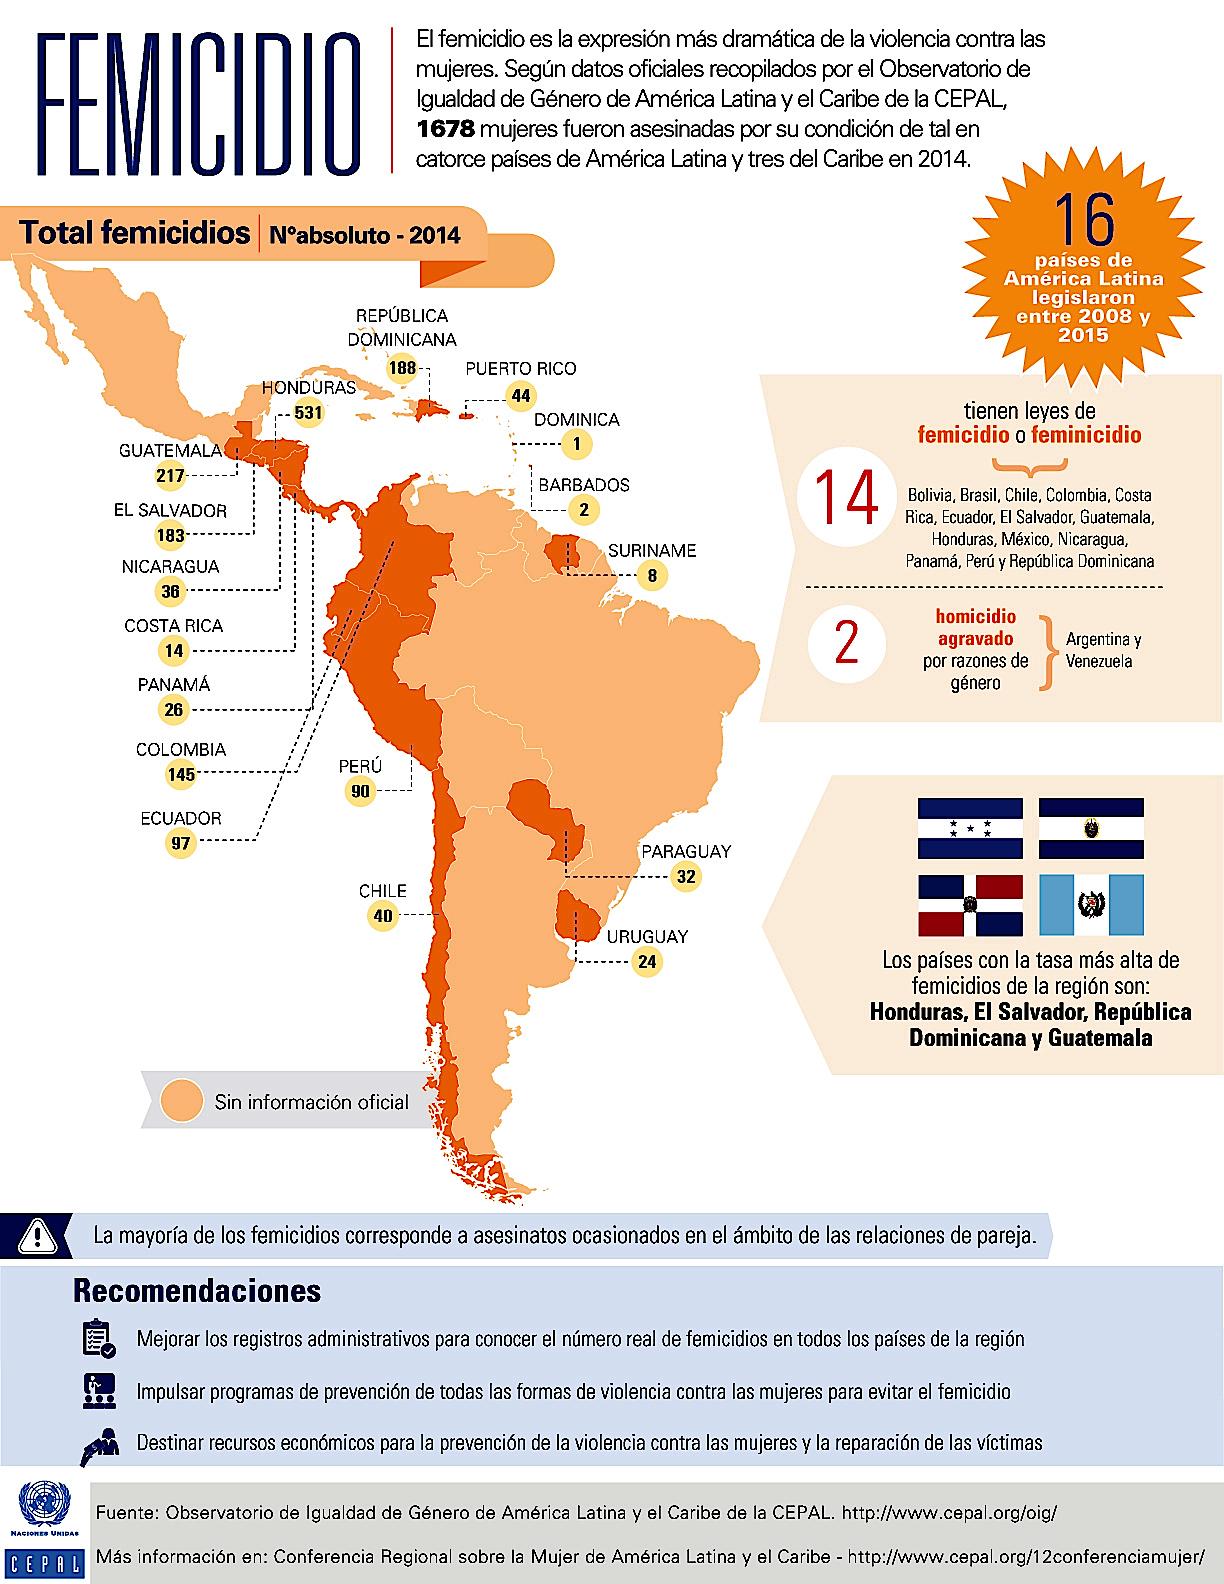 El salvador tiene el primer lugar guatemala el tercero honduraslel s ptimo colombia el d cimo